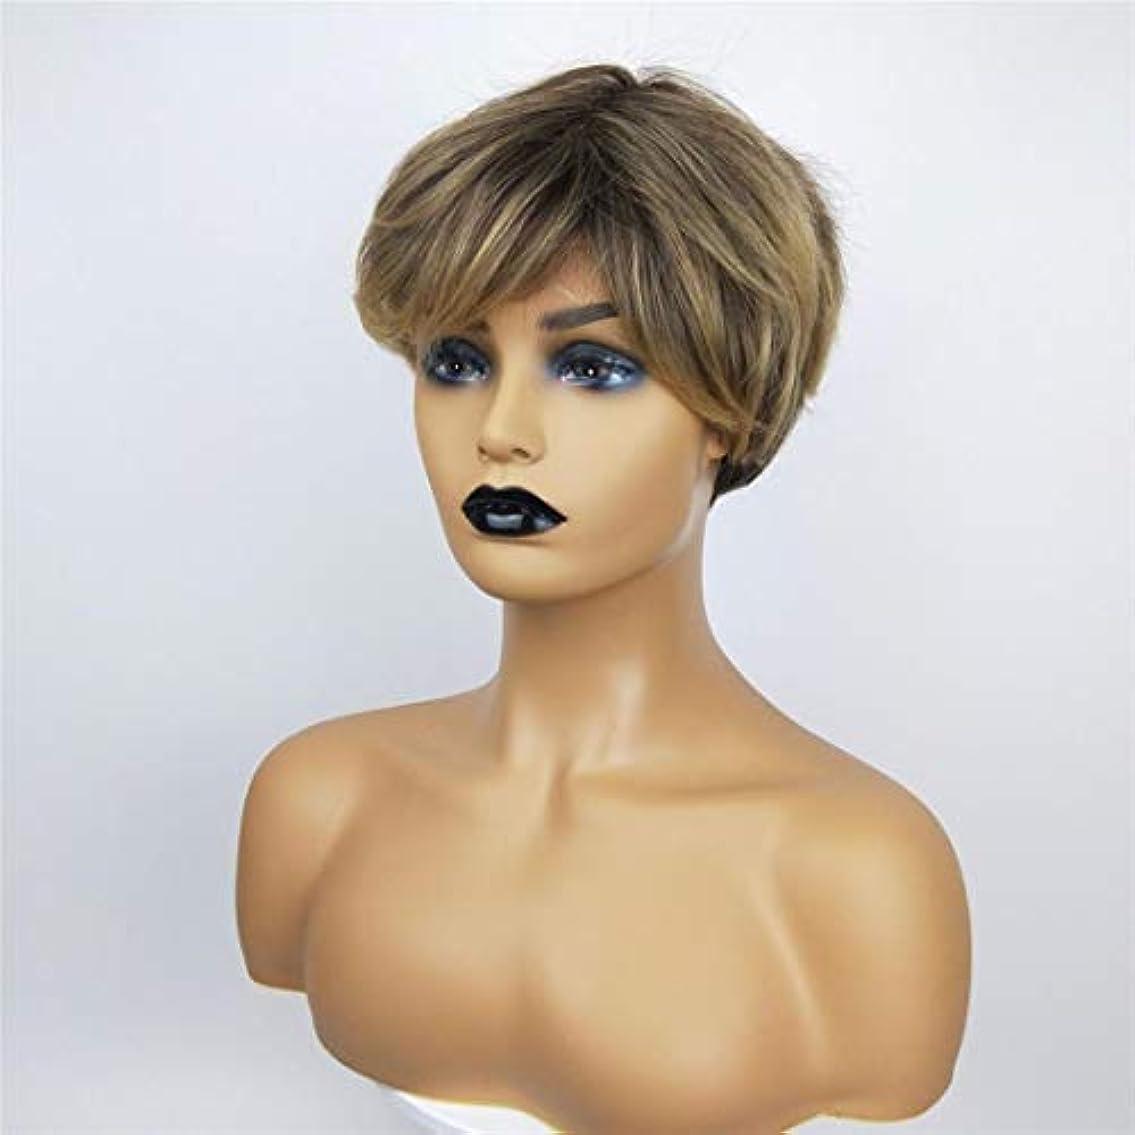 レース心臓示すKerwinner 女性のための短い巻き毛のかつら高温シルクケミカルファイバーウィッグヘッドギア